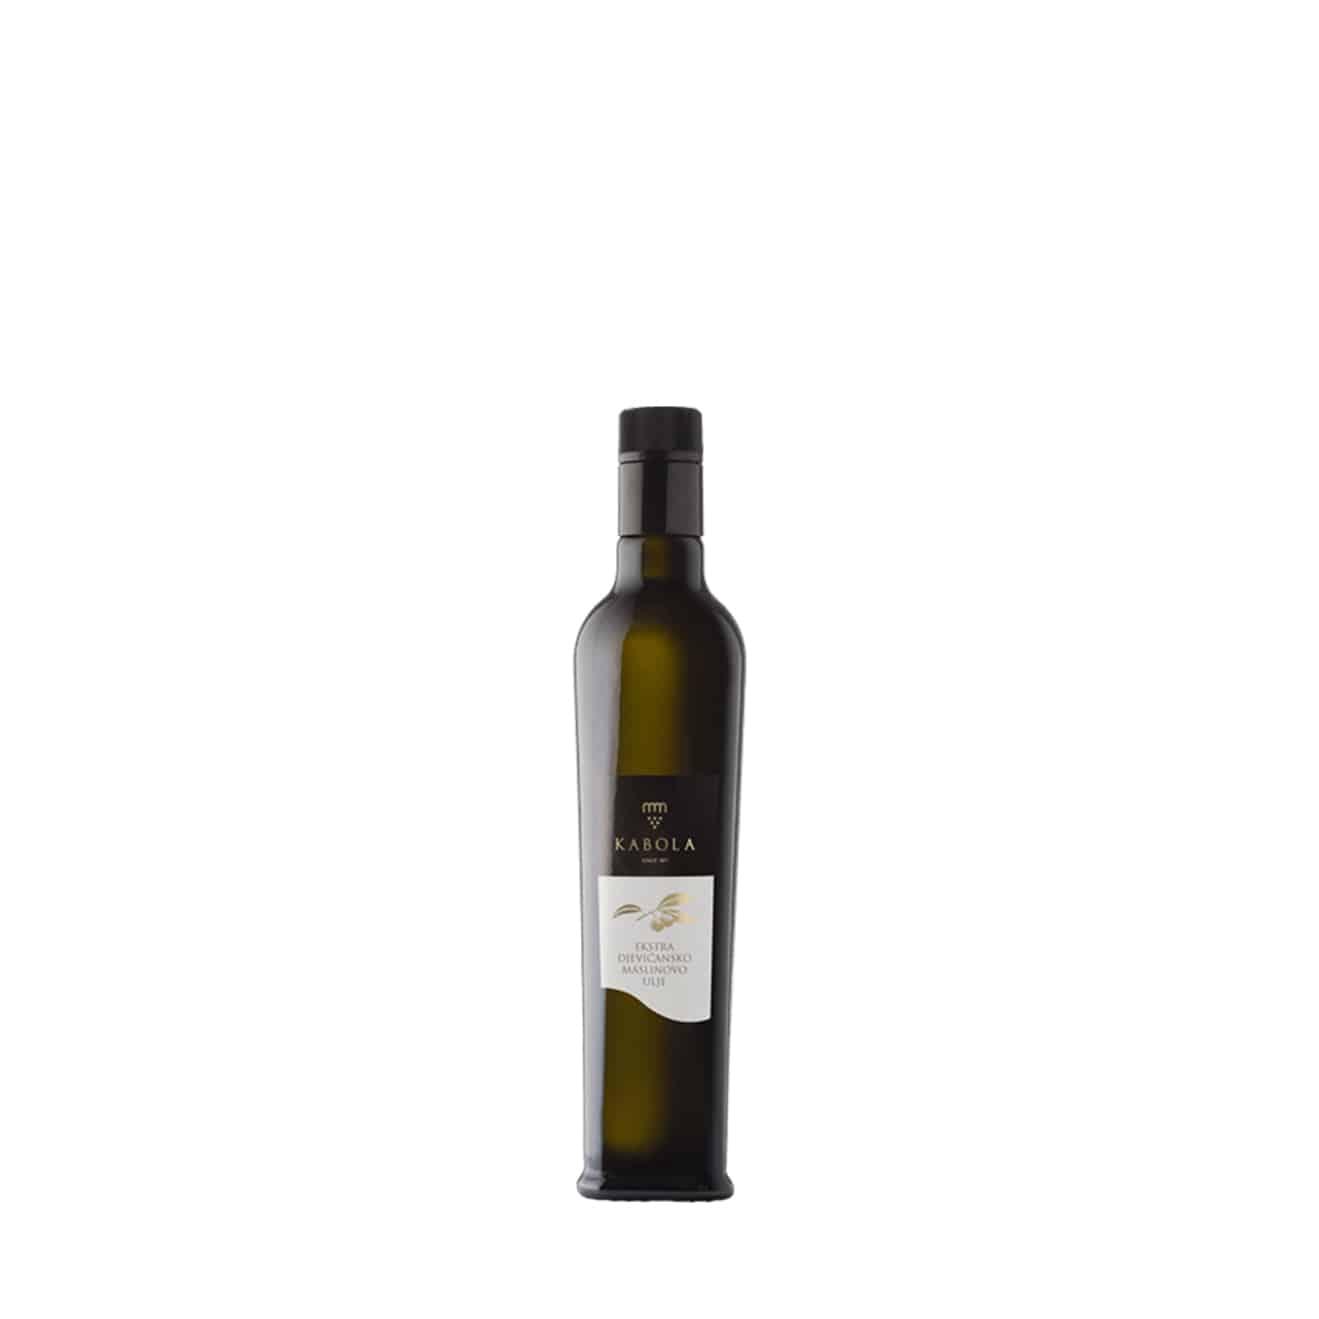 Kabola Olive oil 0.5l